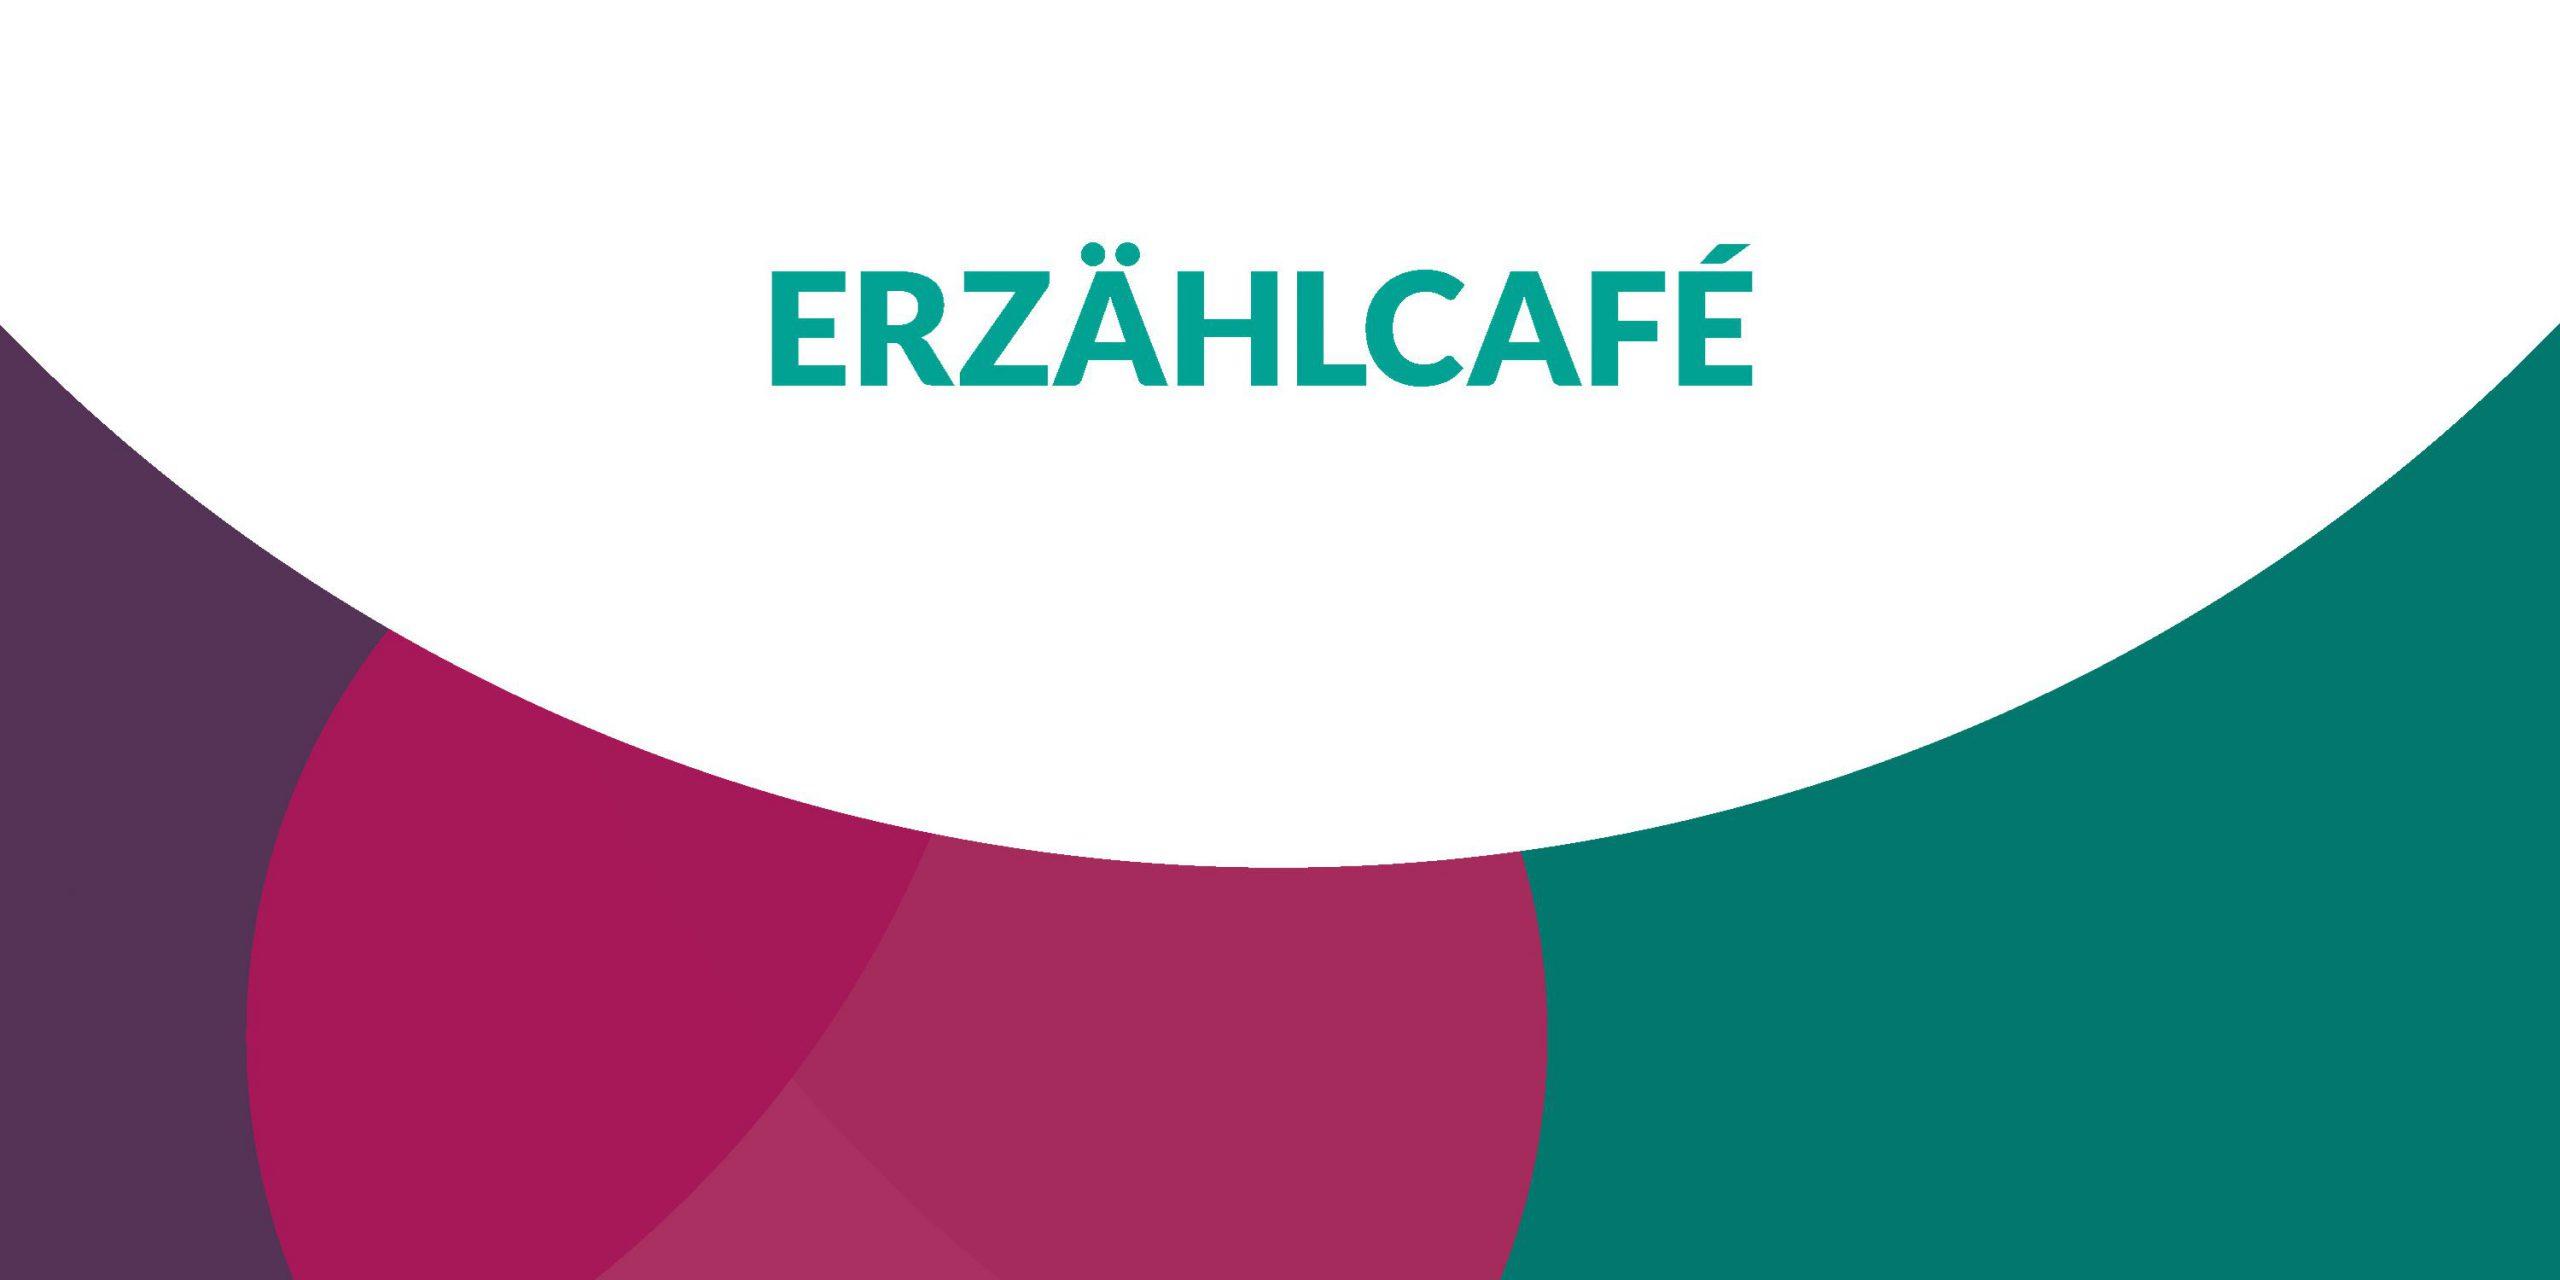 Kopf Erzählcafe Frauenzentrum Bautzen